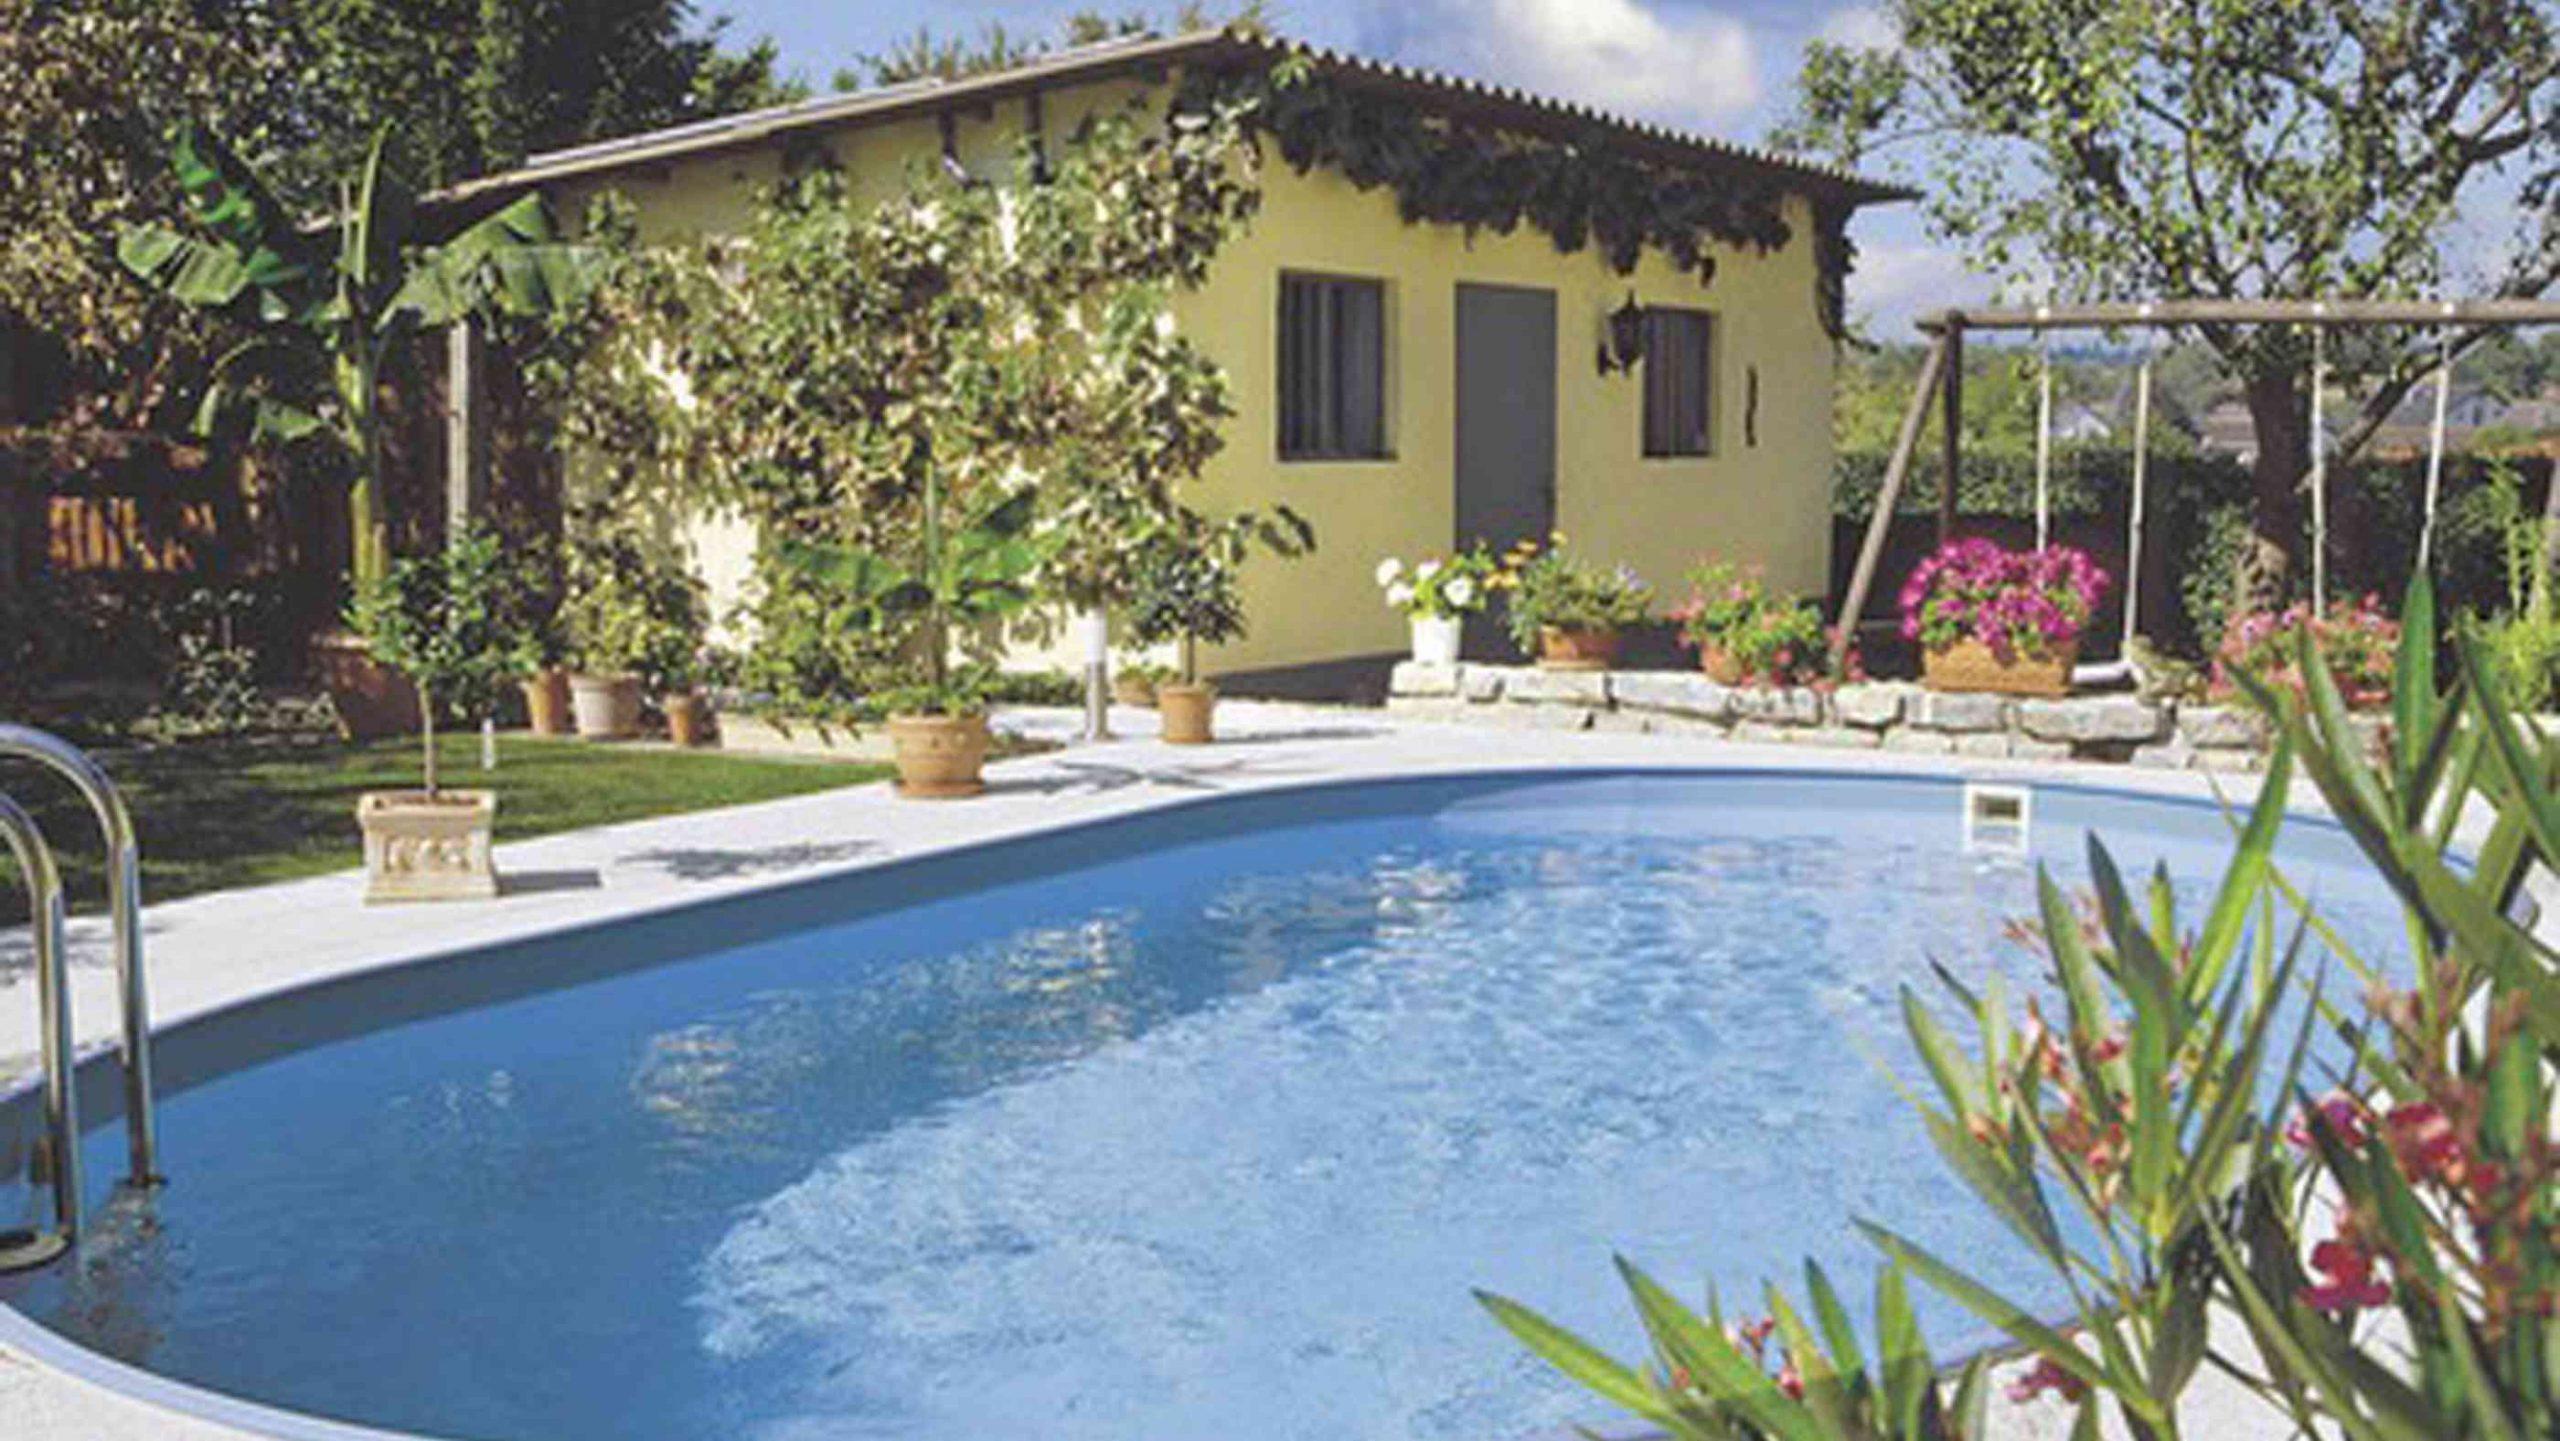 Full Size of Pool Im Garten Bauen So Klappt Das Eigene Schwimmbad Loungemöbel Günstig Gewächshaus Sauna Badezimmer Stapelstühle Fototapete Wohnzimmer Spielgerät Wohnzimmer Pool Im Garten